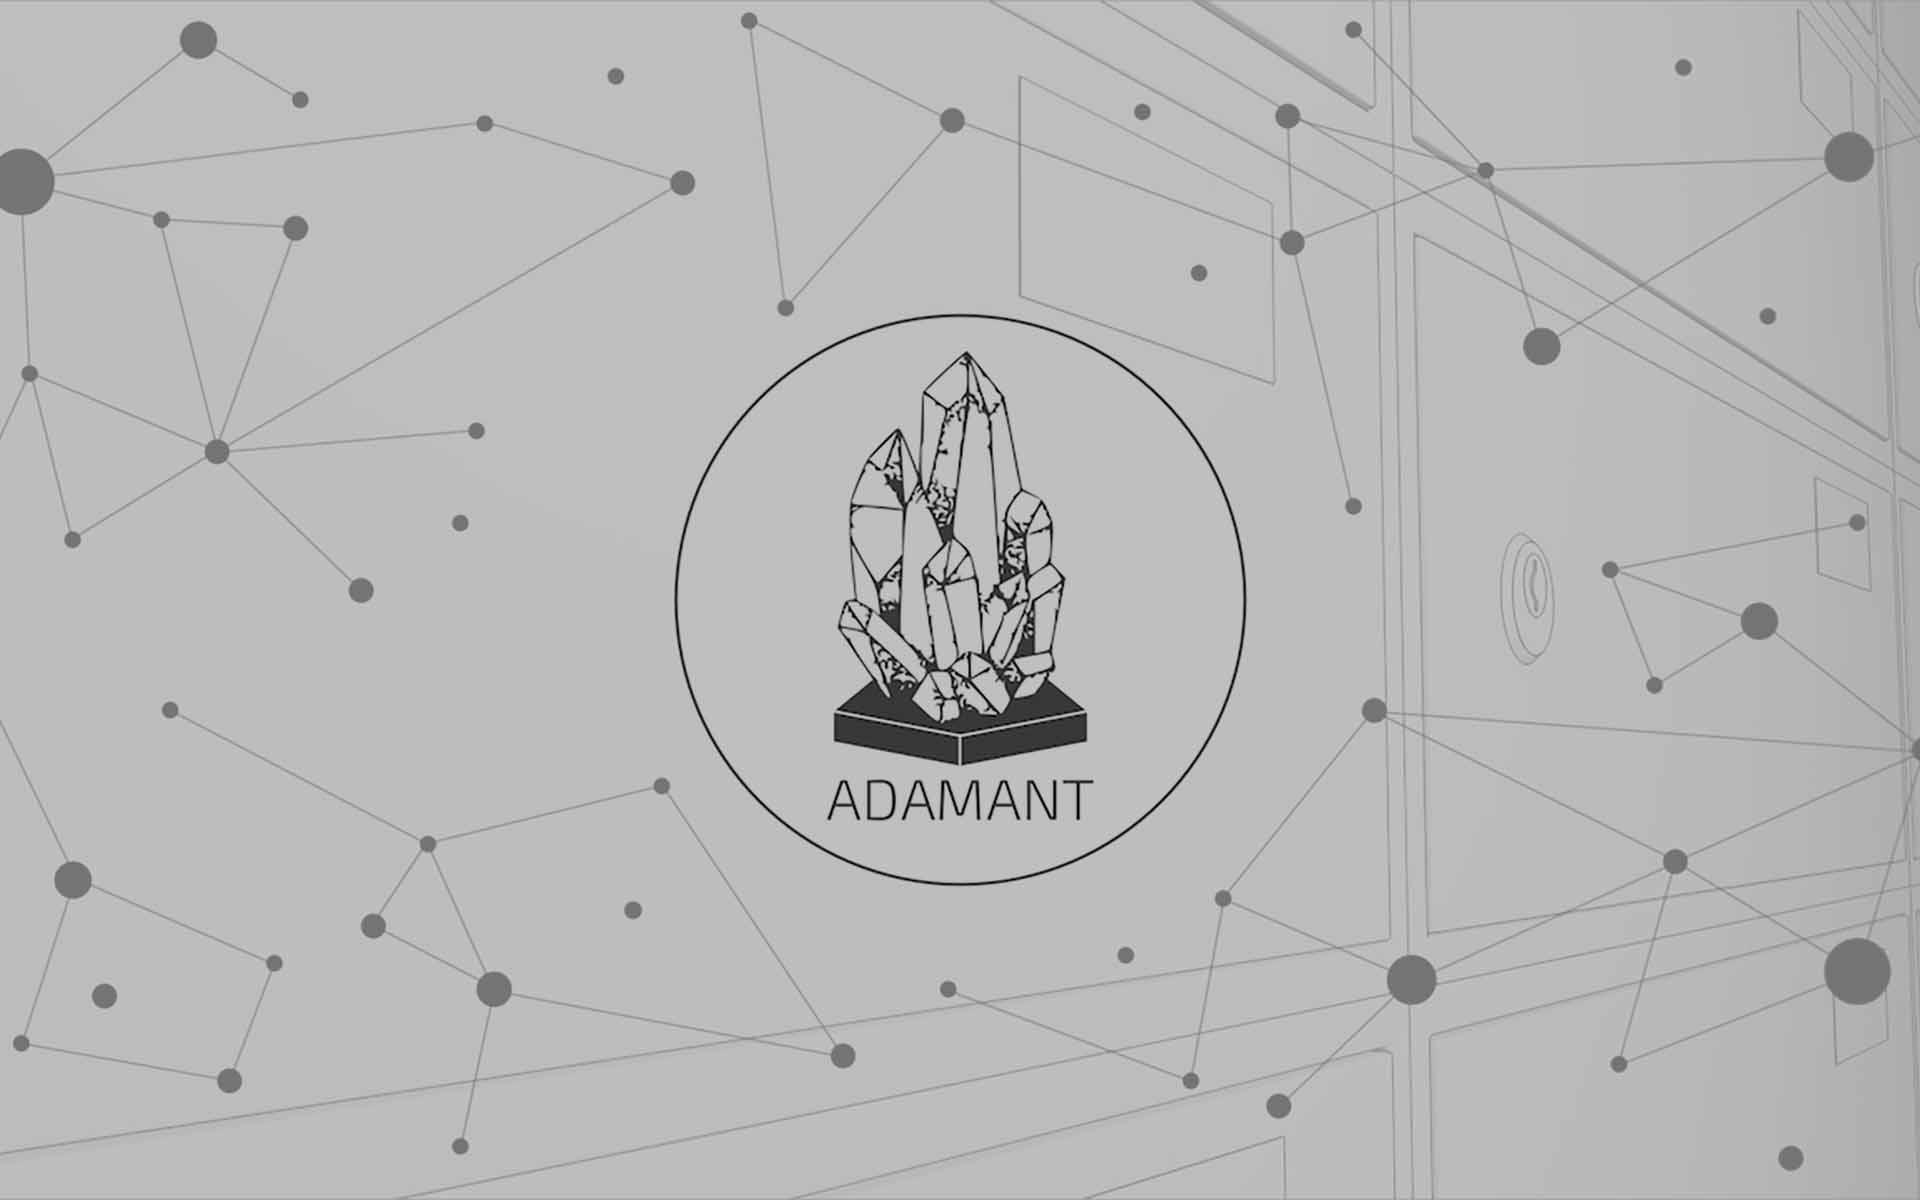 ADAMANT — концепция анонимного мессенджера на блокчейне